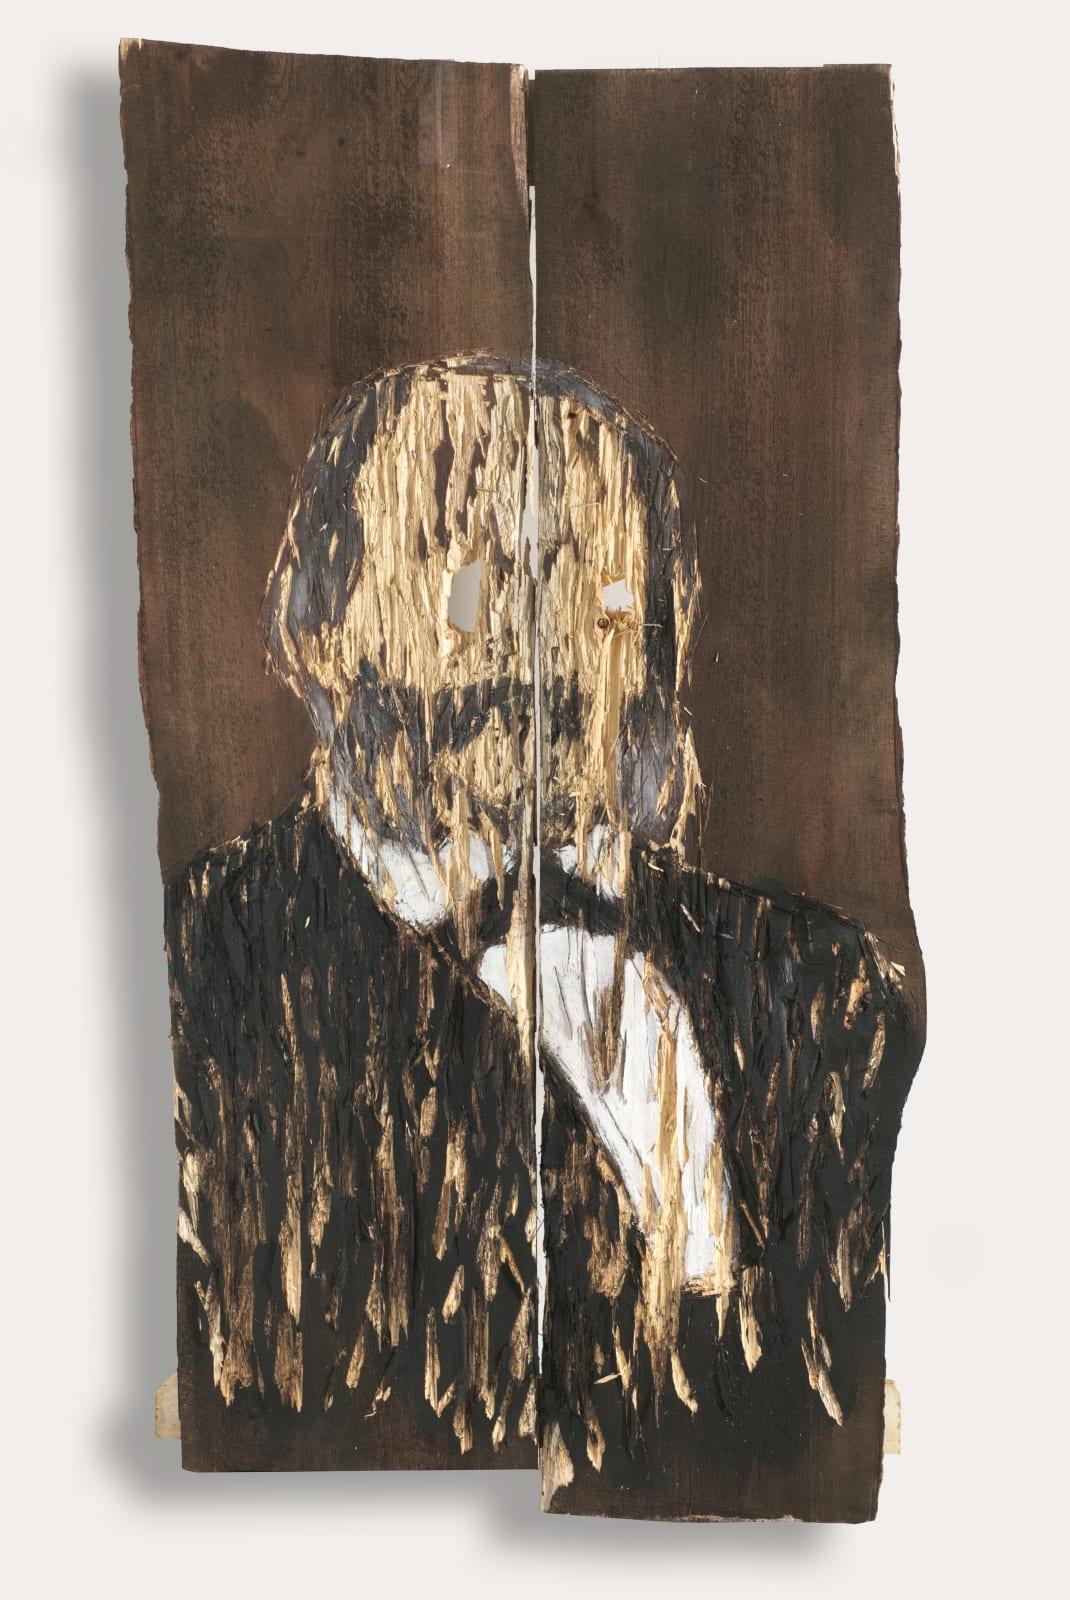 Nestor Engelke Wooden portrait of Ivan Goncharov from the series